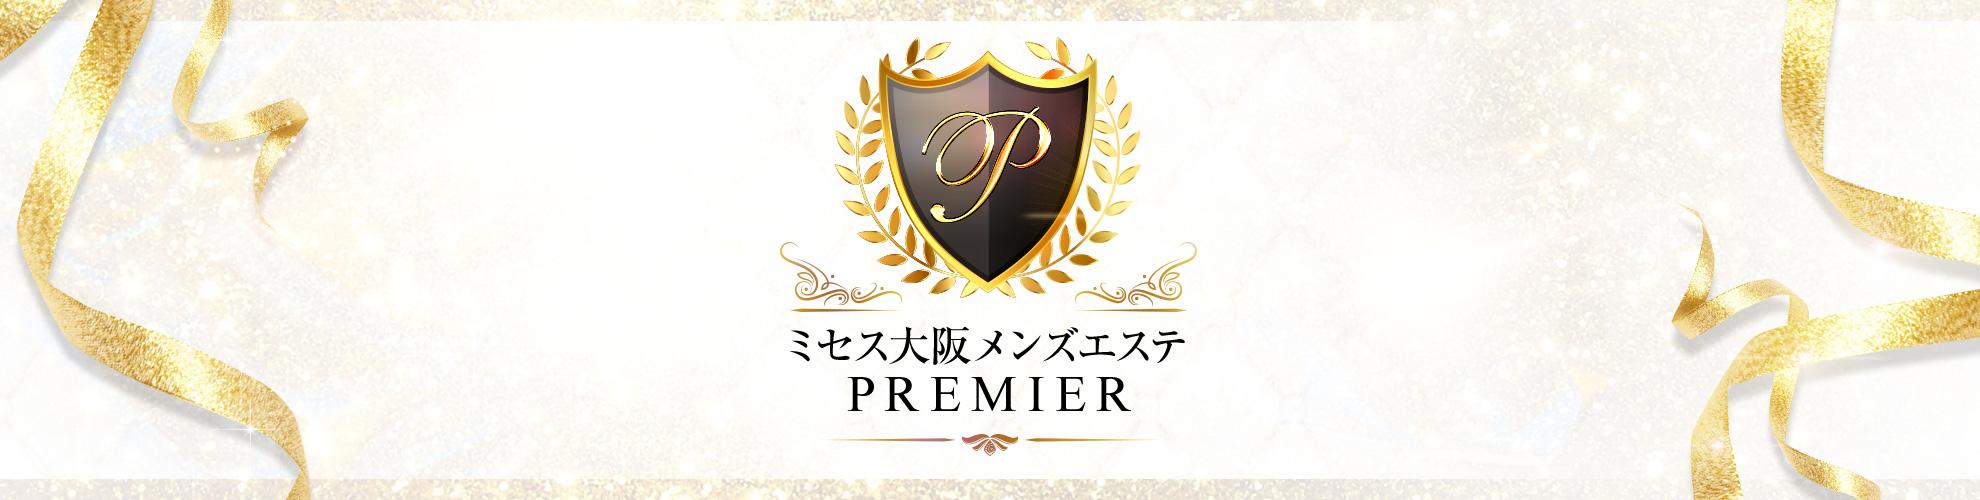 ミセス大阪メンズエステPREMIER